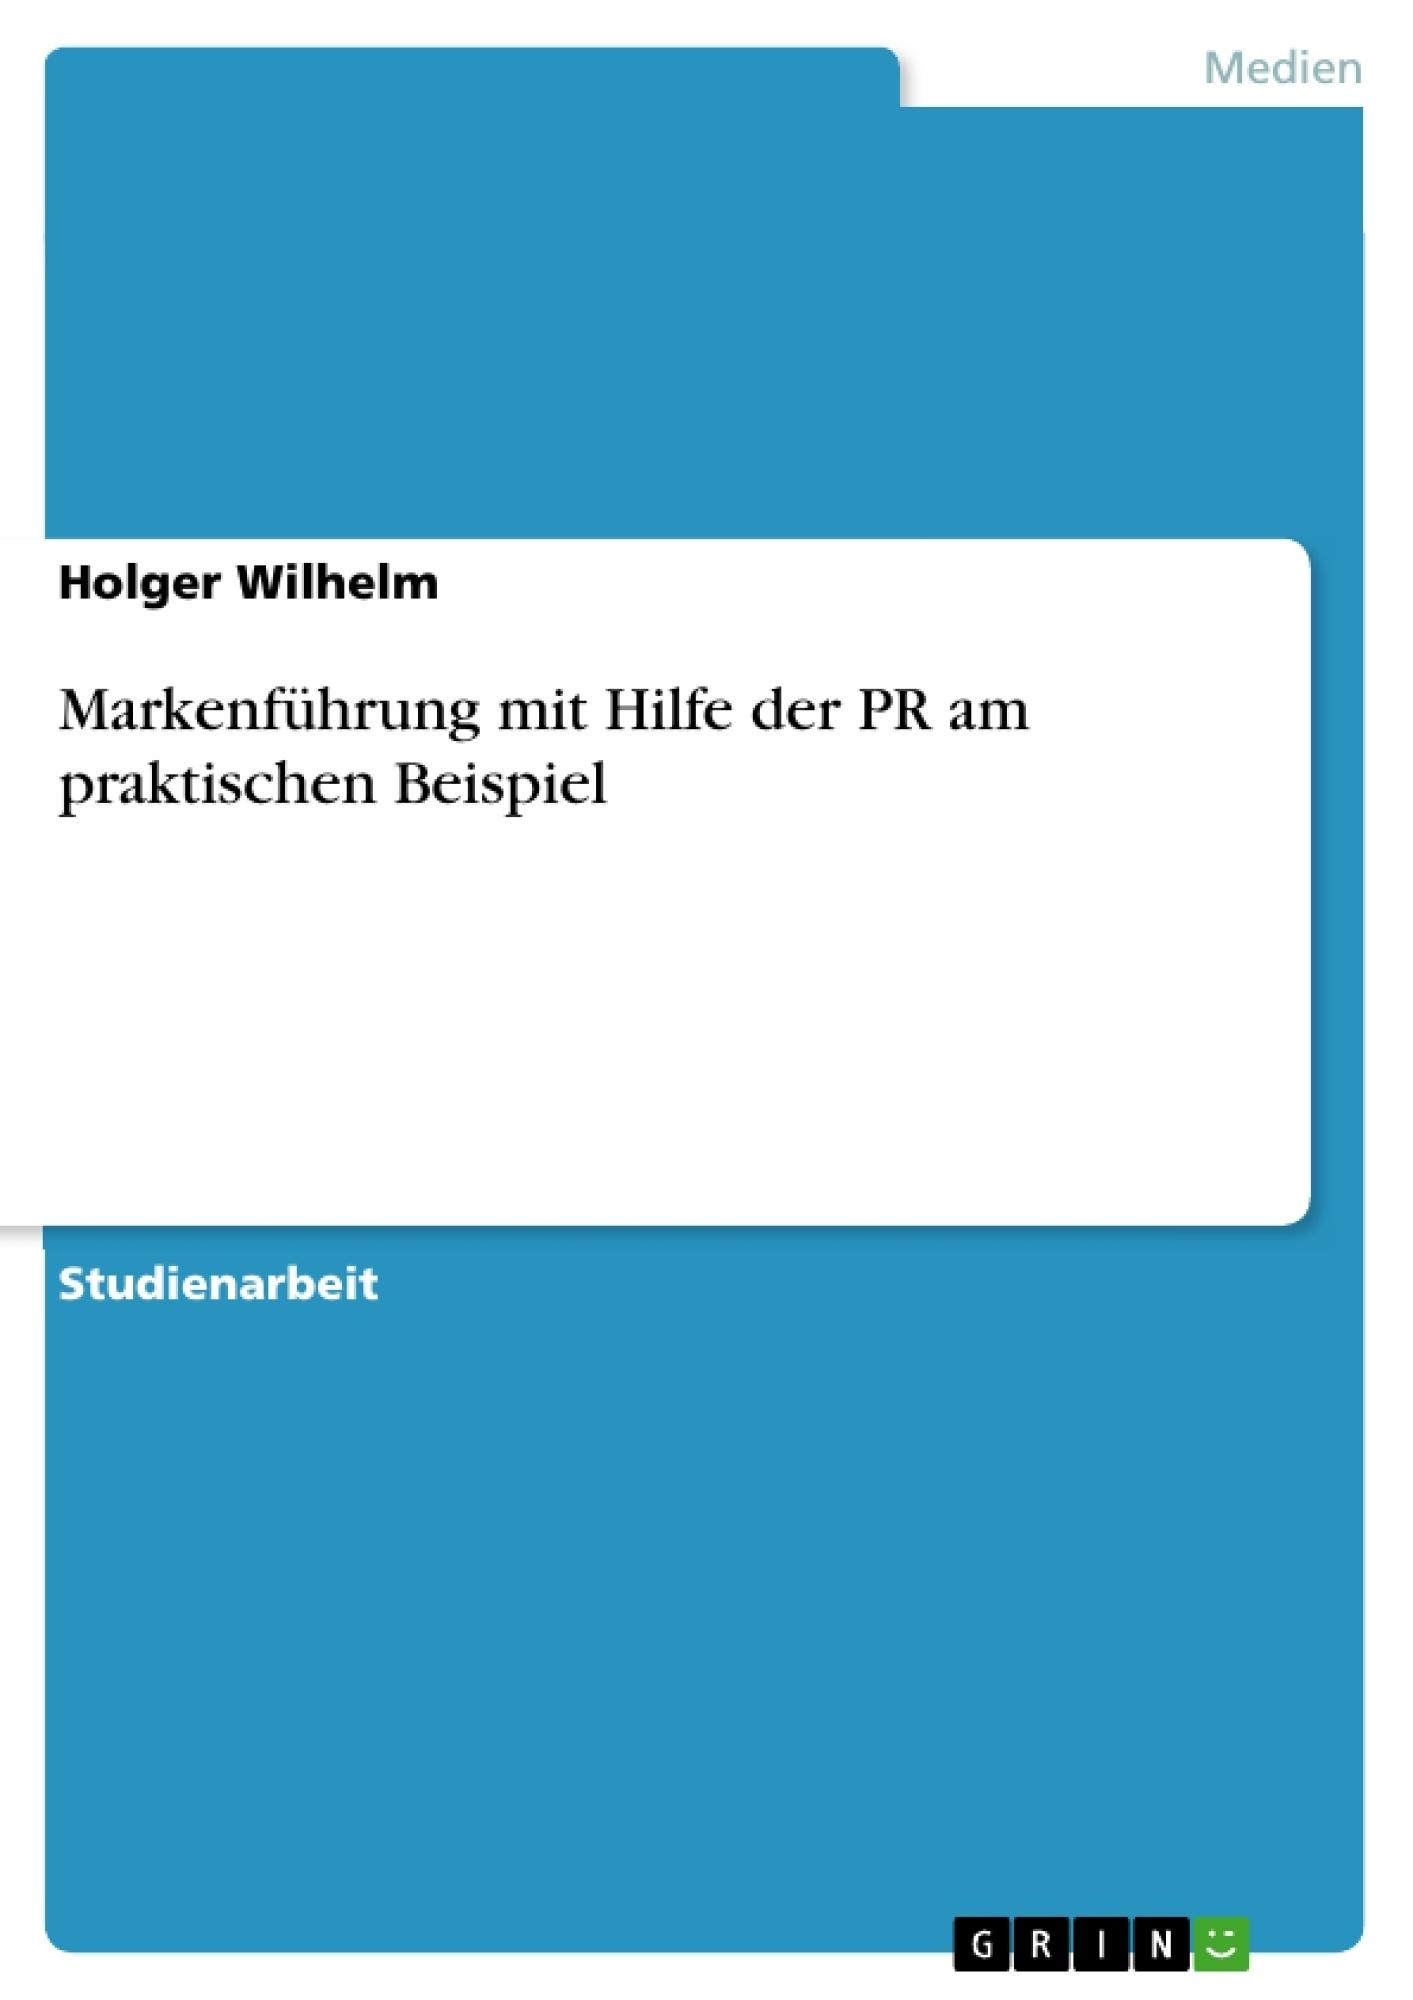 Titel: Markenführung mit Hilfe der PR am praktischen Beispiel